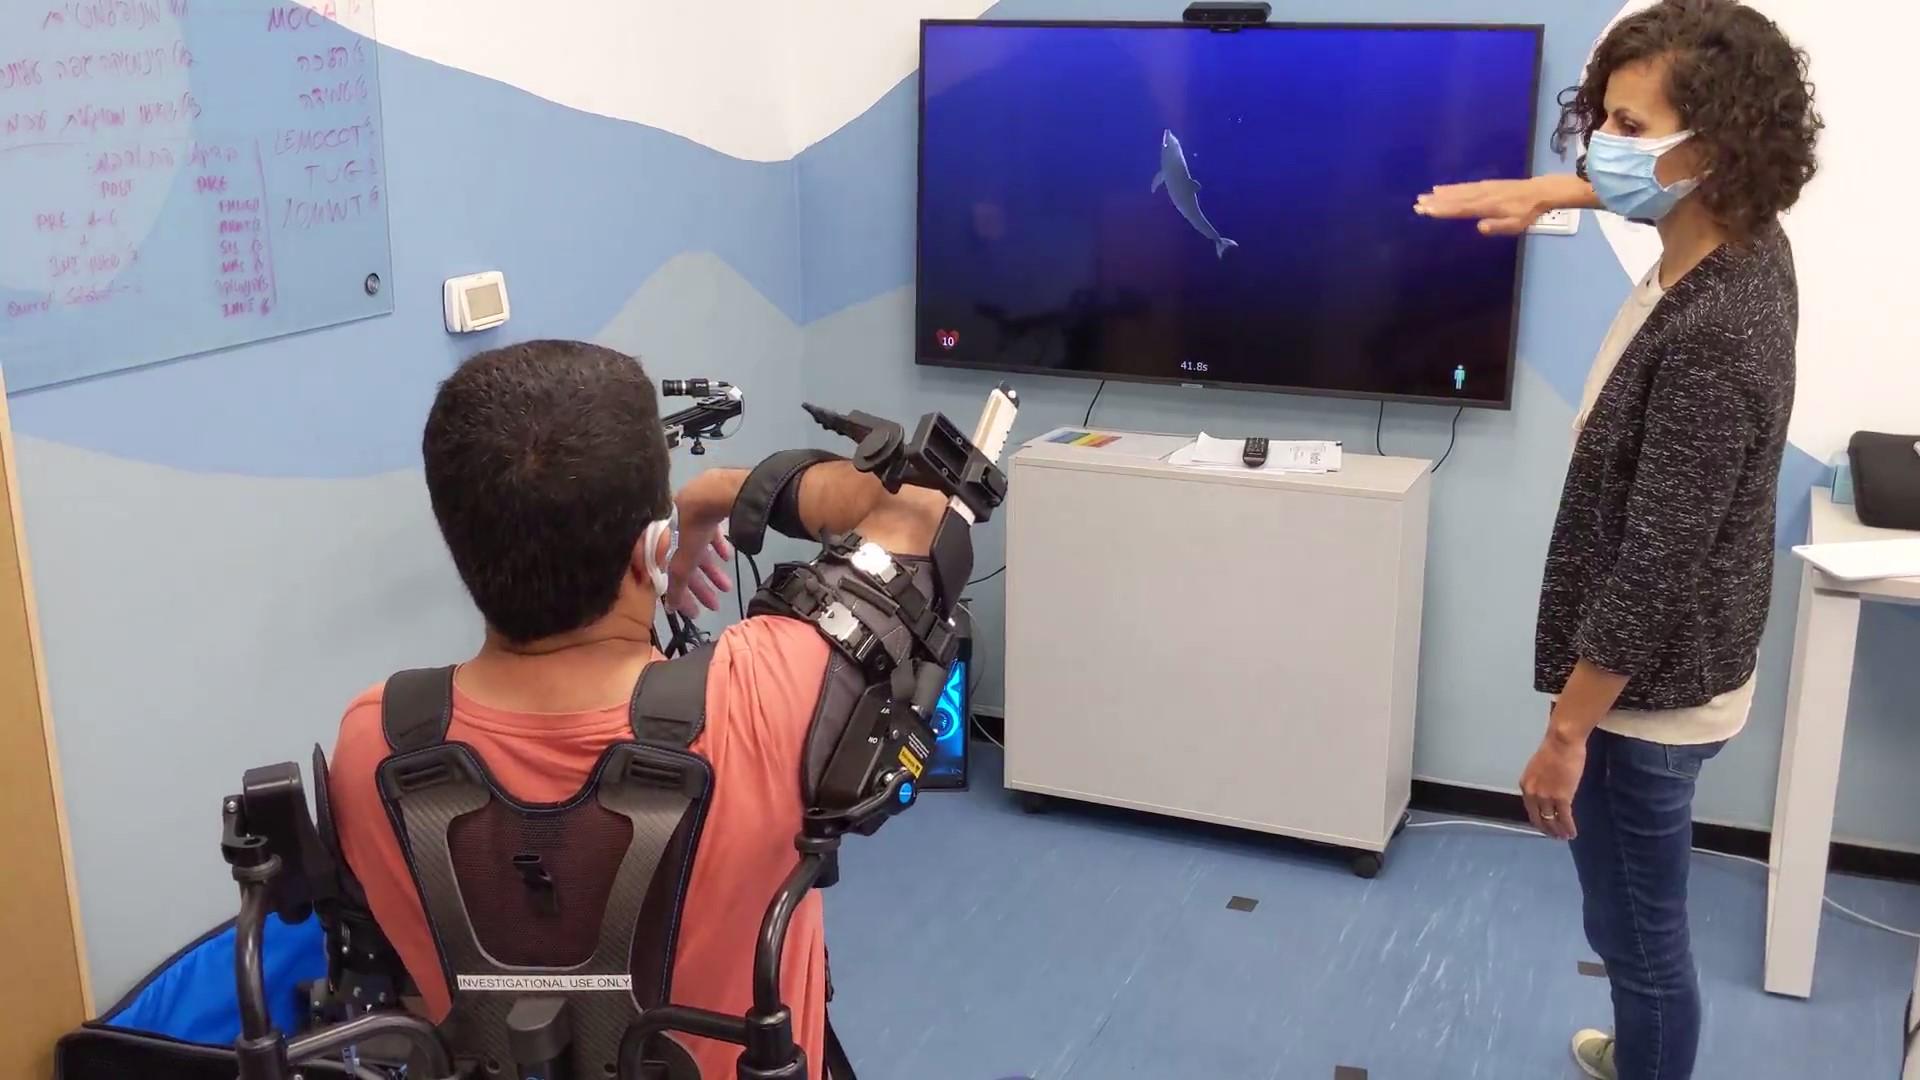 עושים תרגילי ידיים בפיזיותרפתיה Doing arm exercises in physiotherapy